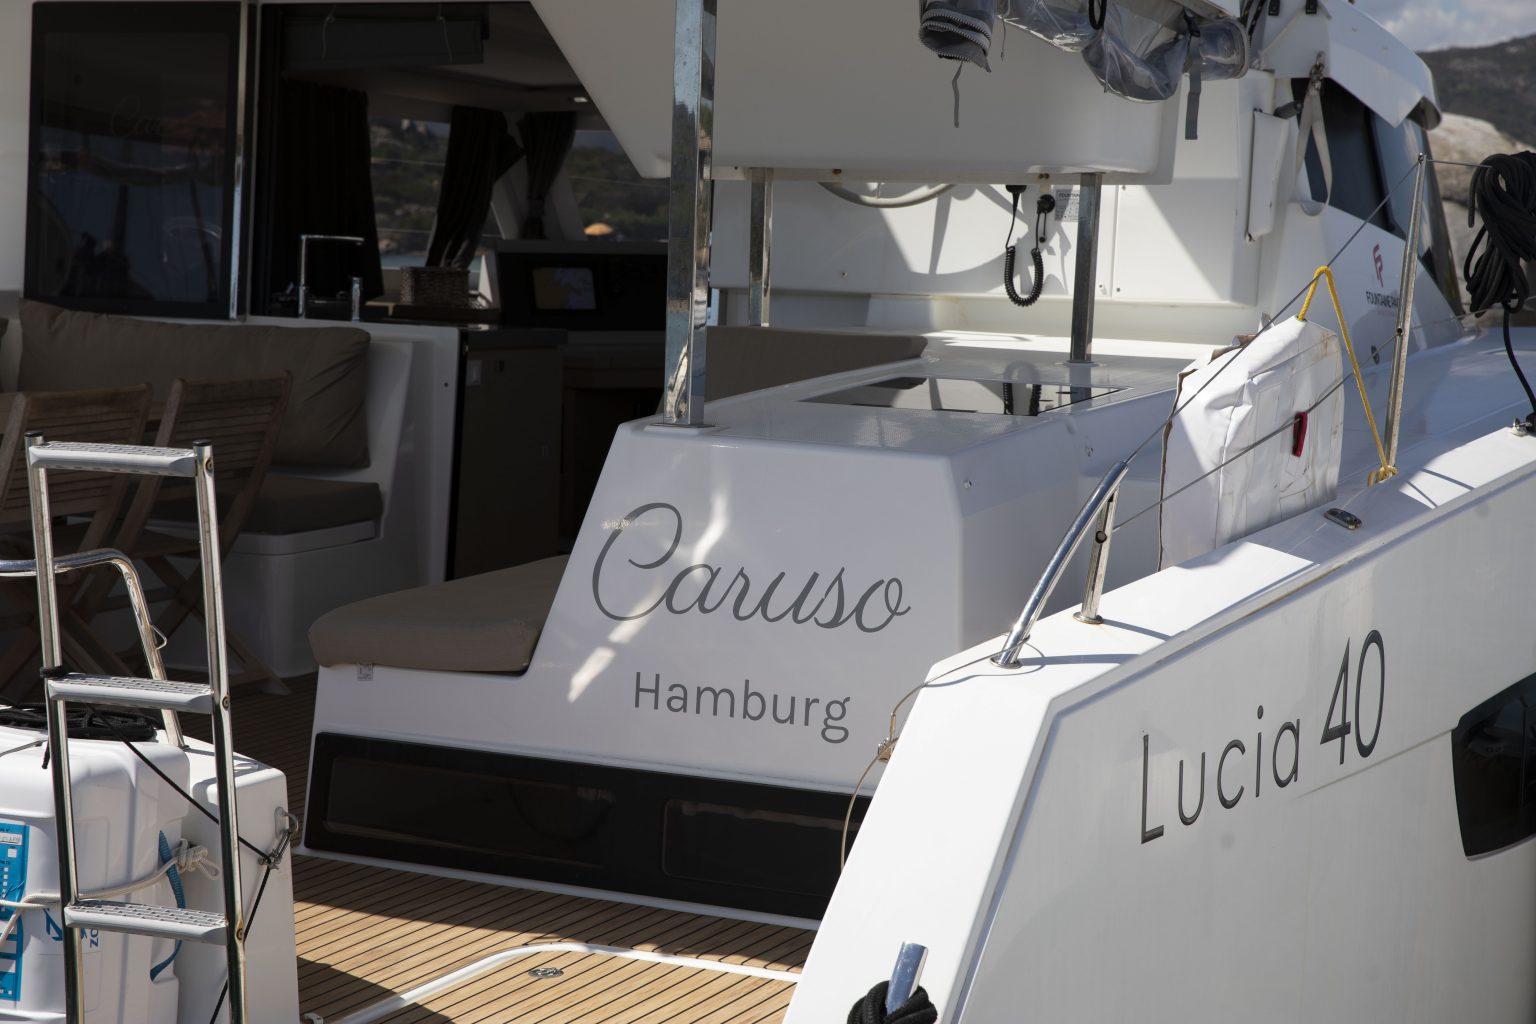 Caruso Lucia 40 sardegna